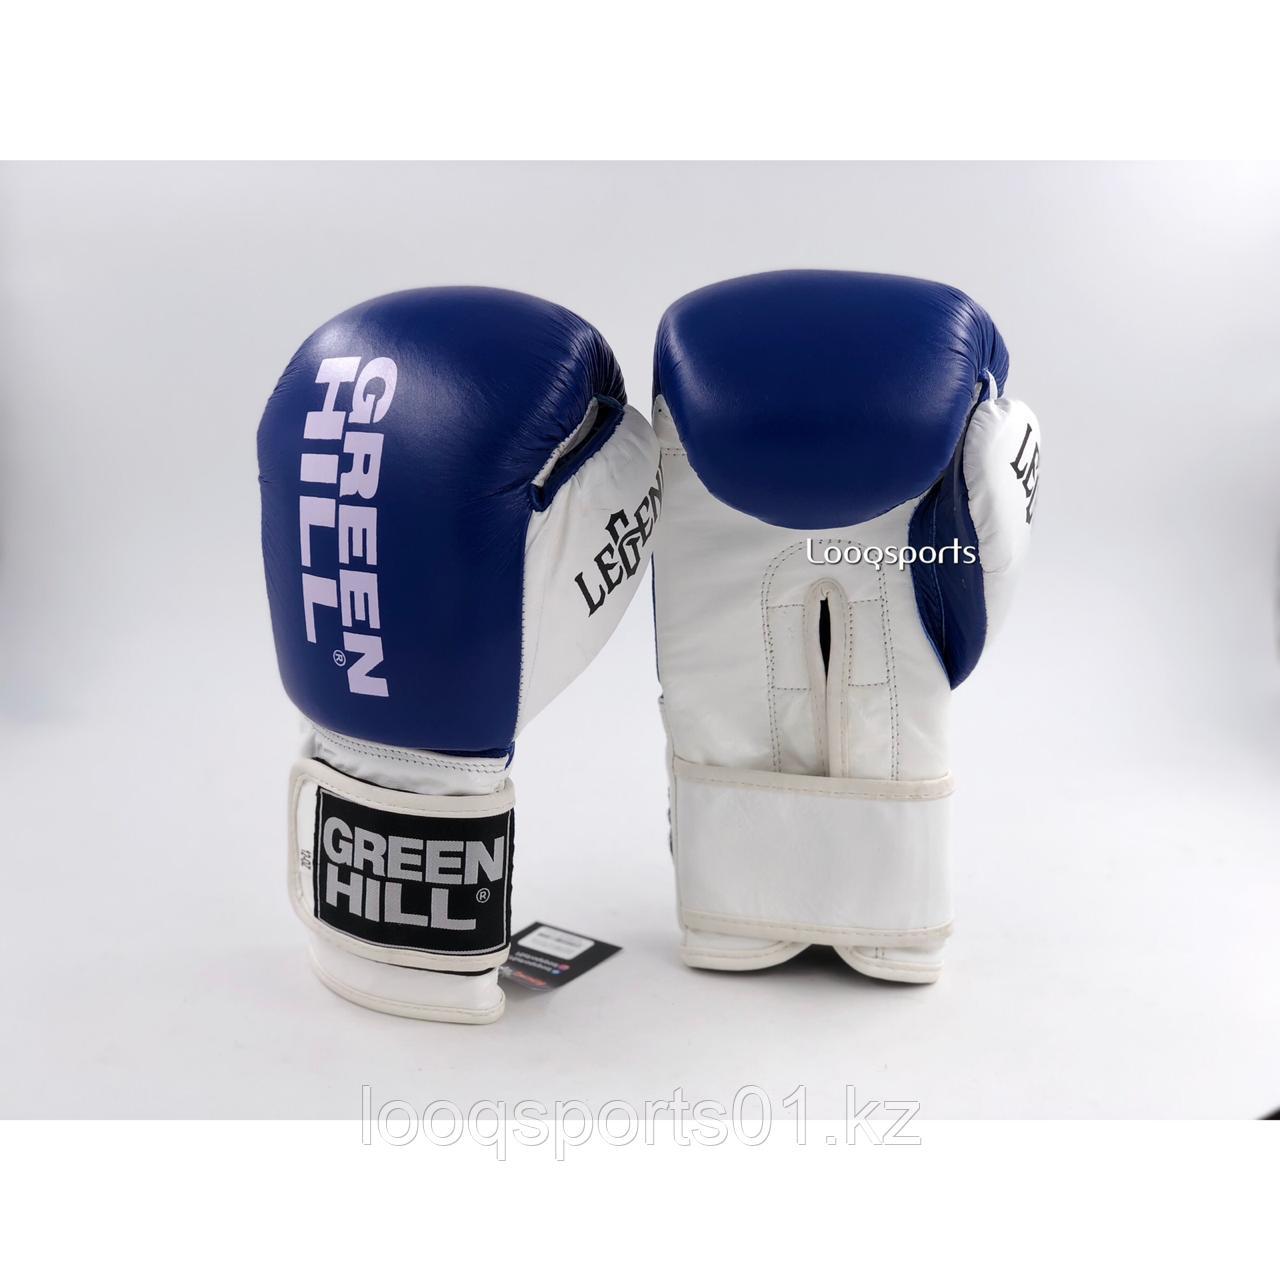 Боксерские перчатки Green Hill (кожа) с бесплатной доставкой